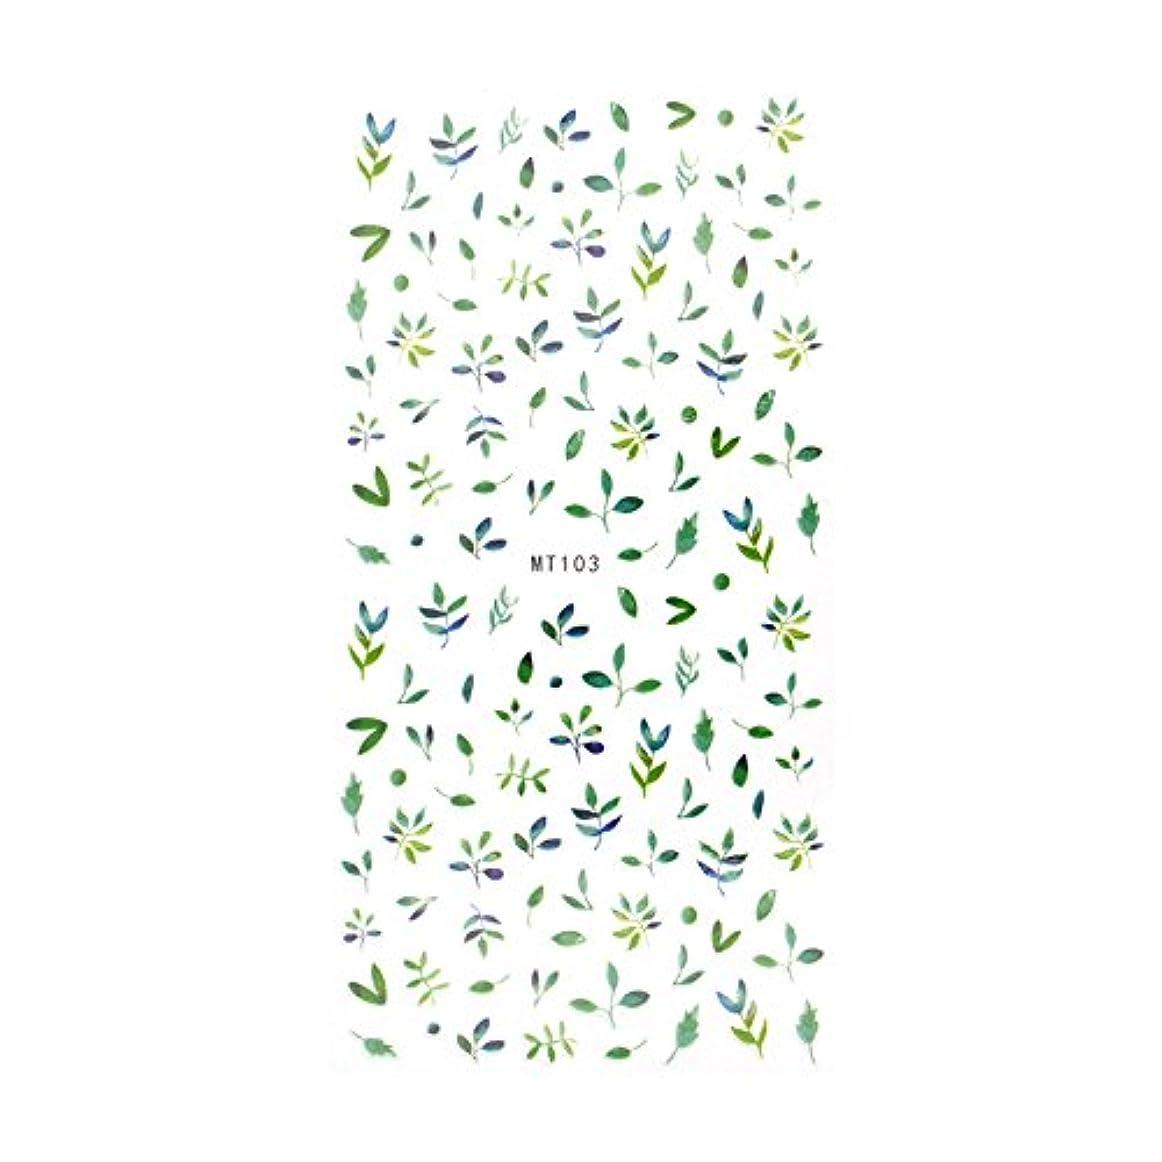 非行犯罪レザー【MT103】グリーンリーフネイルシール リーフ 葉 ジェルネイル シール 緑 植物 ボタニカル